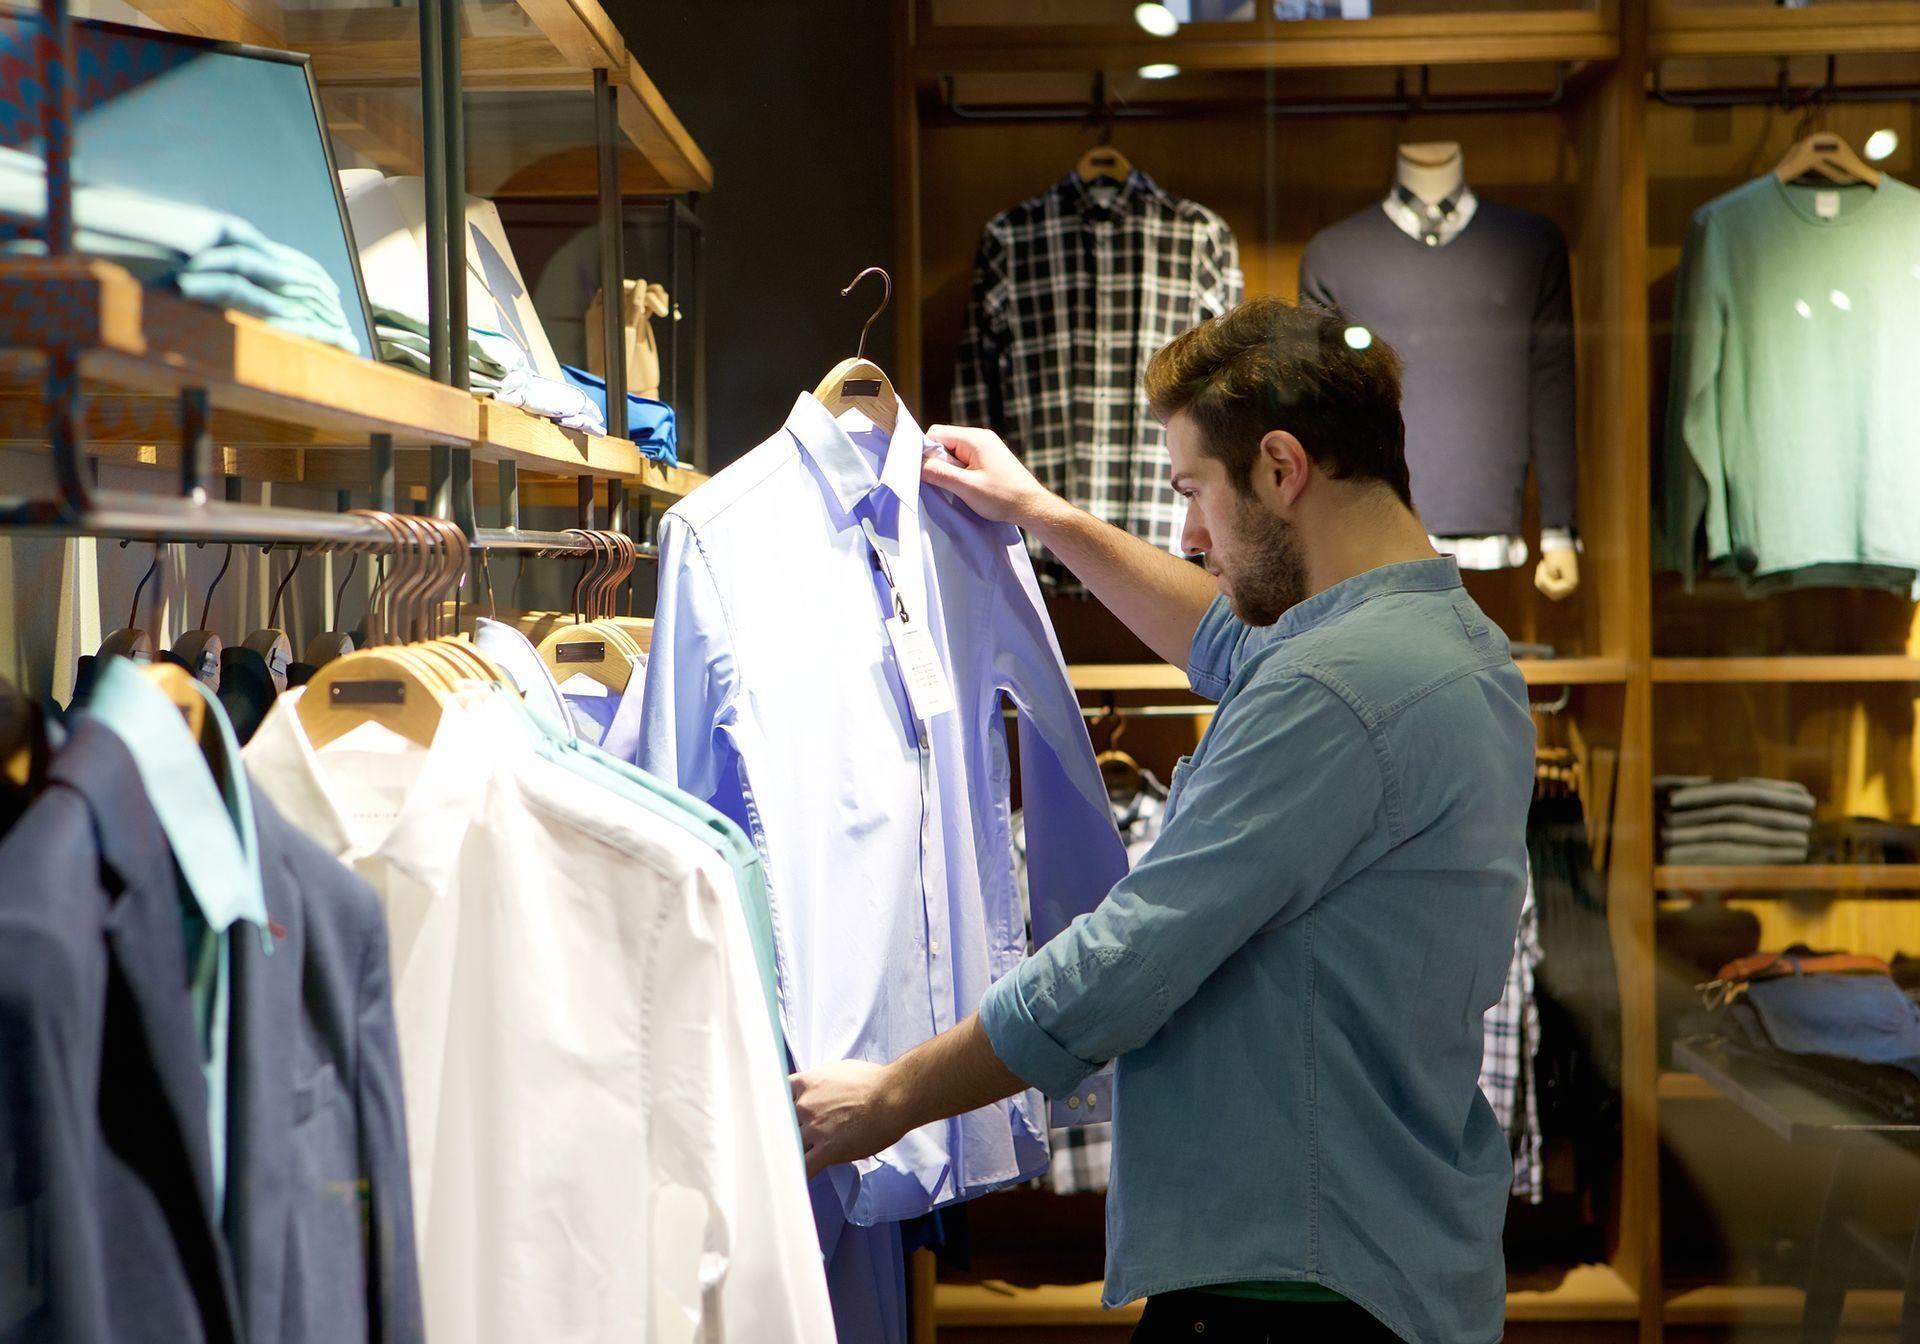 В России отмечается рост цен на одежду и обувь